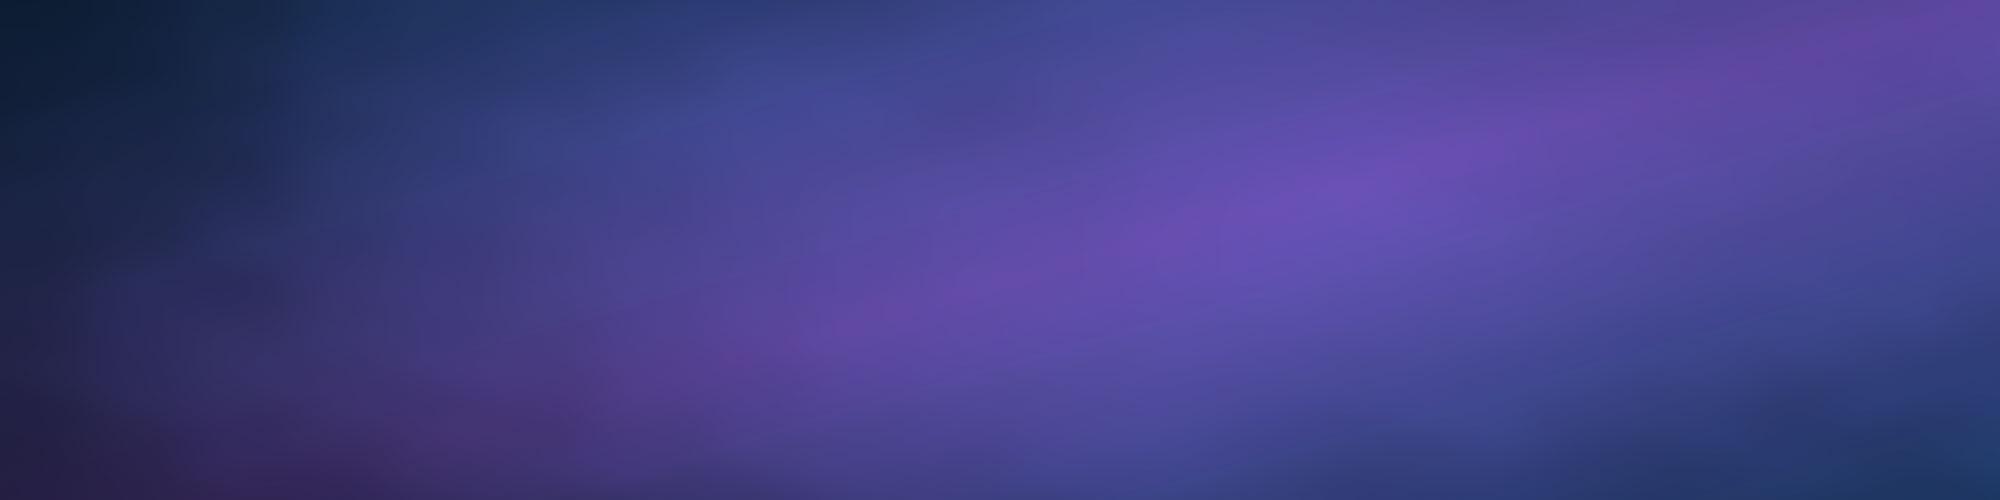 Midnight to violet gradient